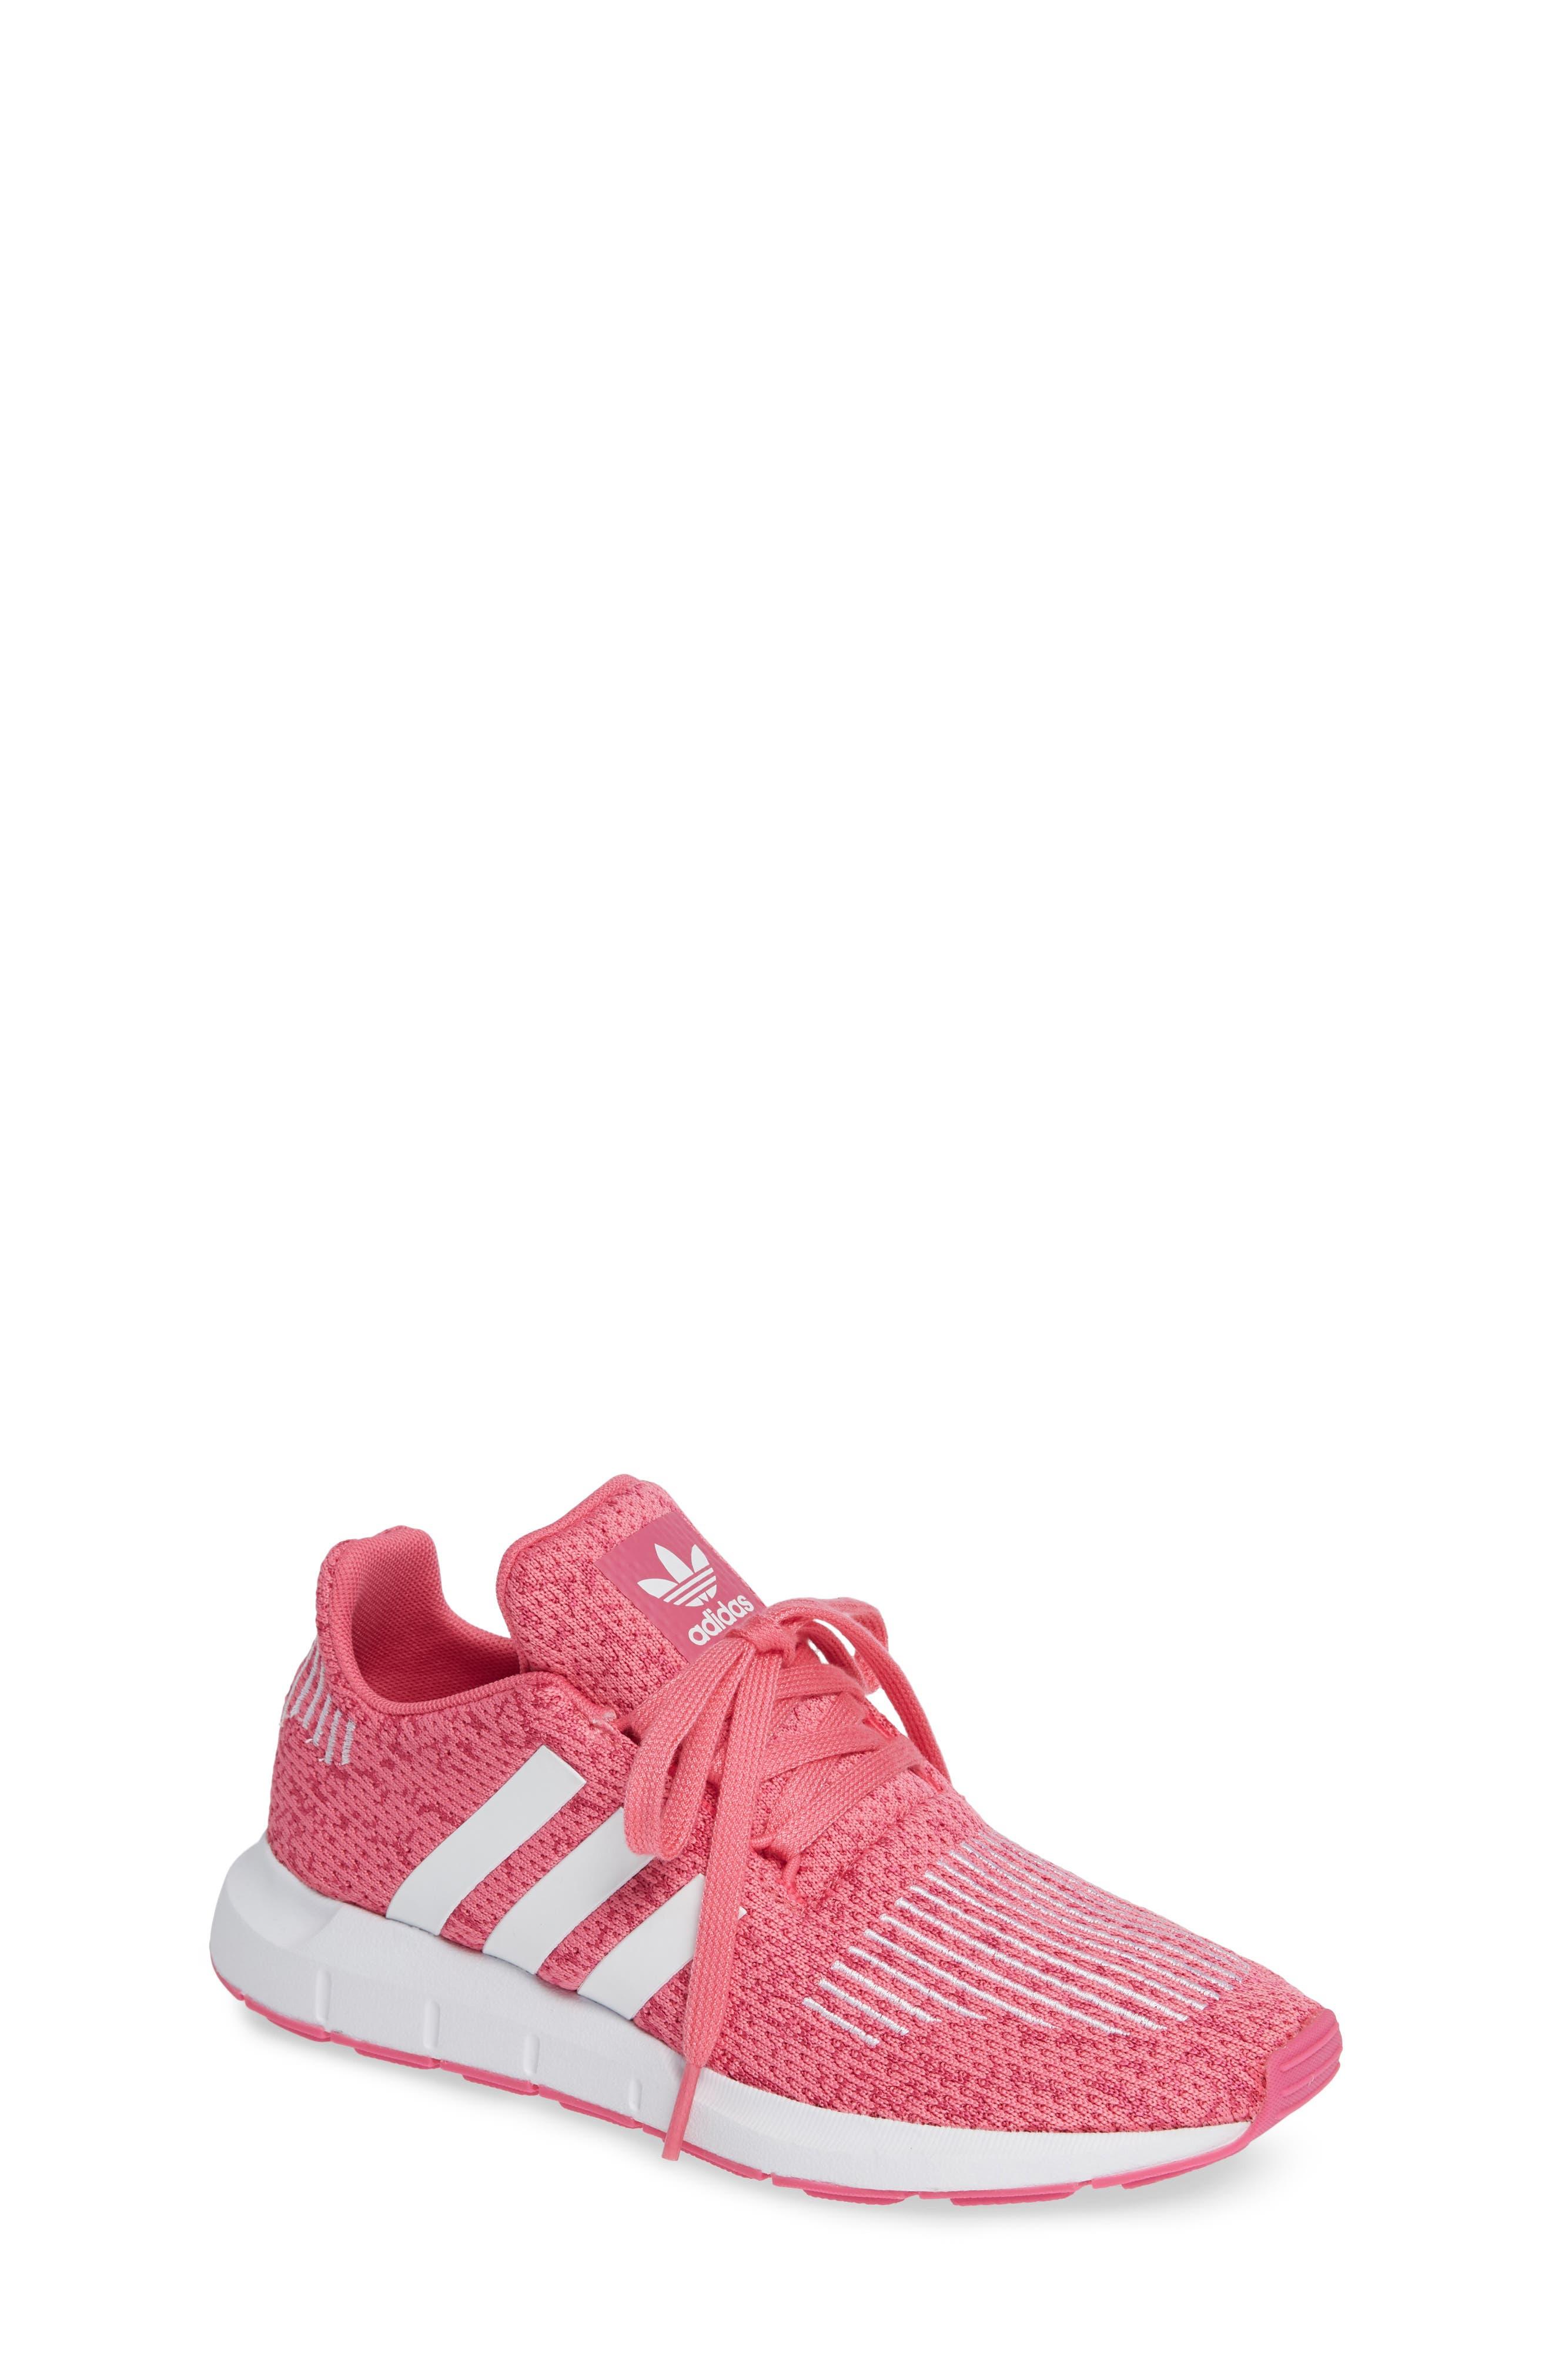 Swift Run J Sneaker,                             Main thumbnail 1, color,                             SEMI SOLAR PINK/ WHITE